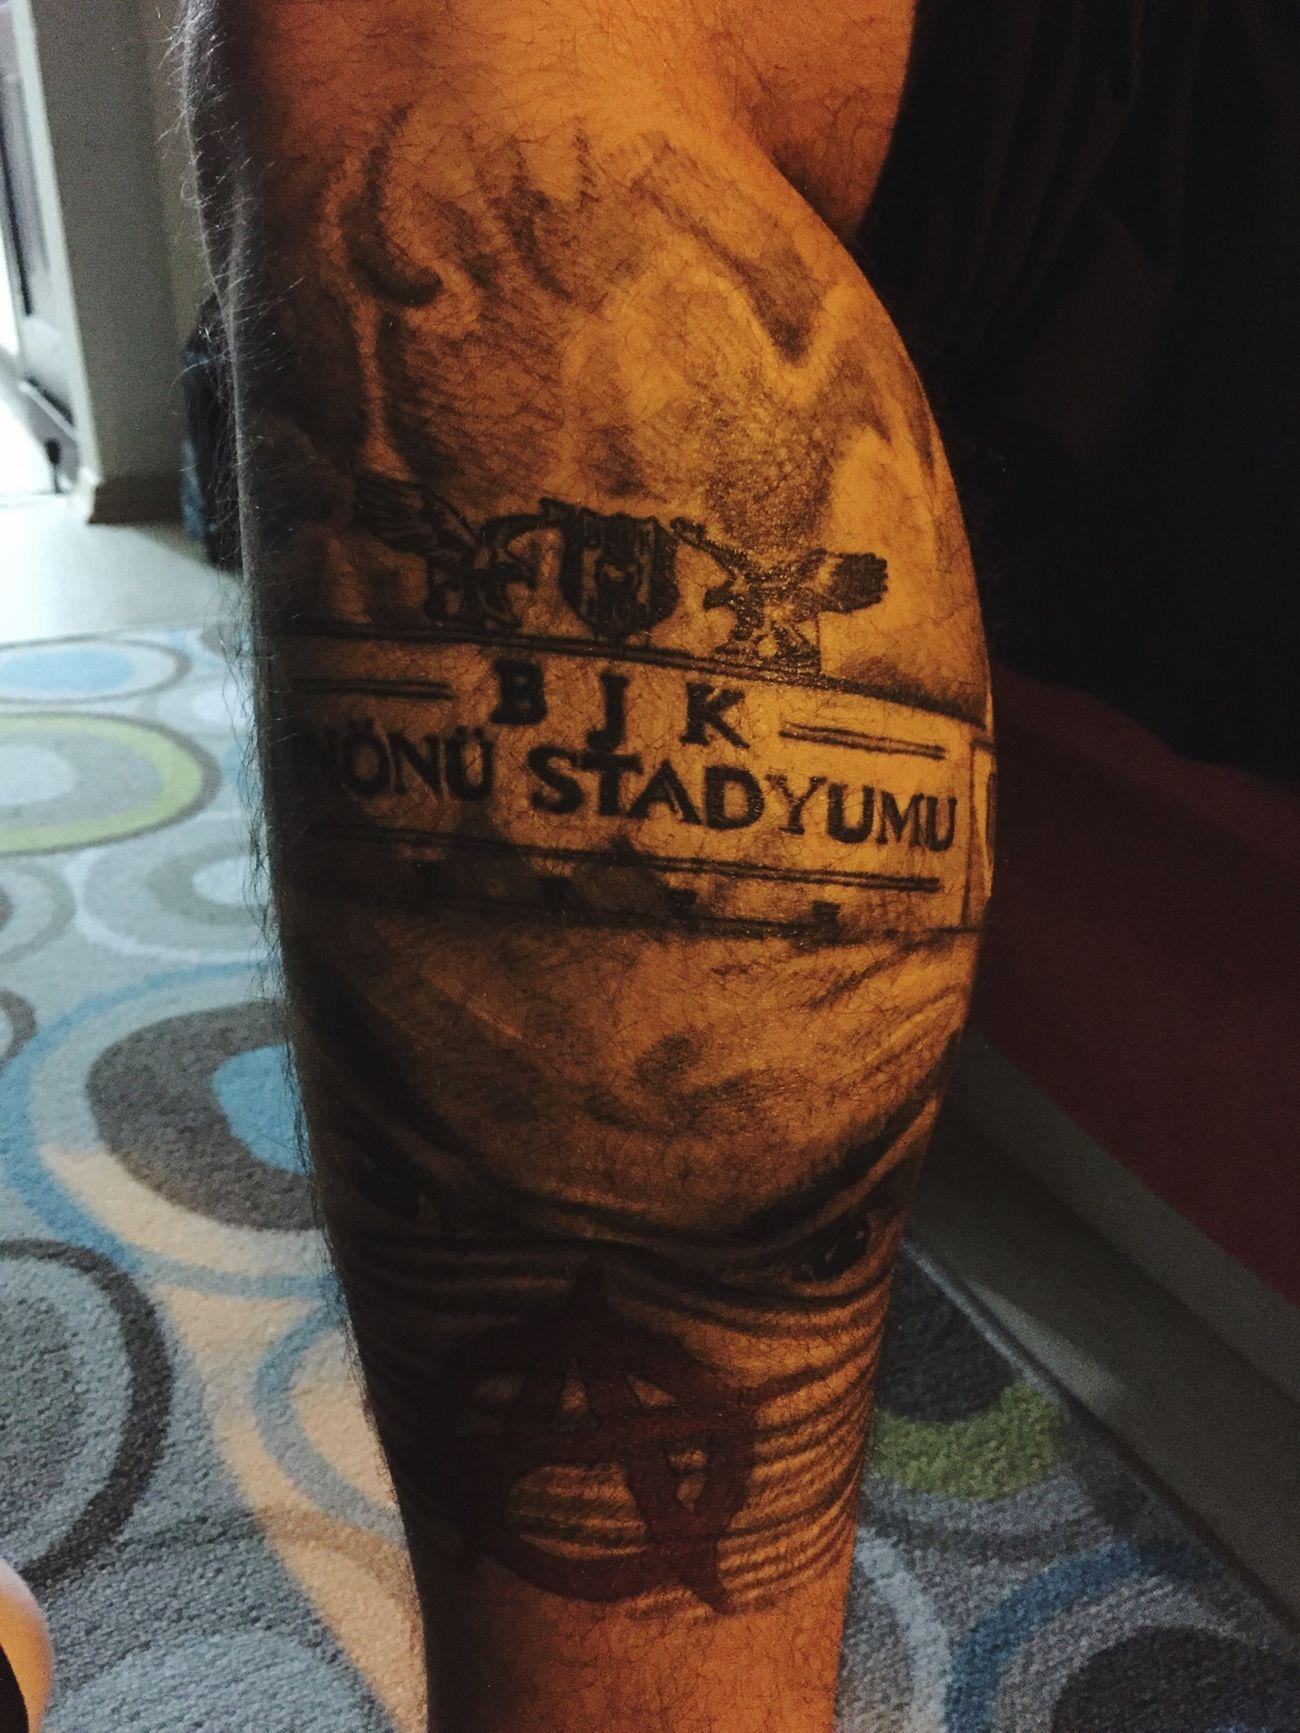 Besiktas Beşiktaş ❤ Inönüstadyumu Love Hello World Tattoo Ultras çarsı Beşiktaşk Sisli